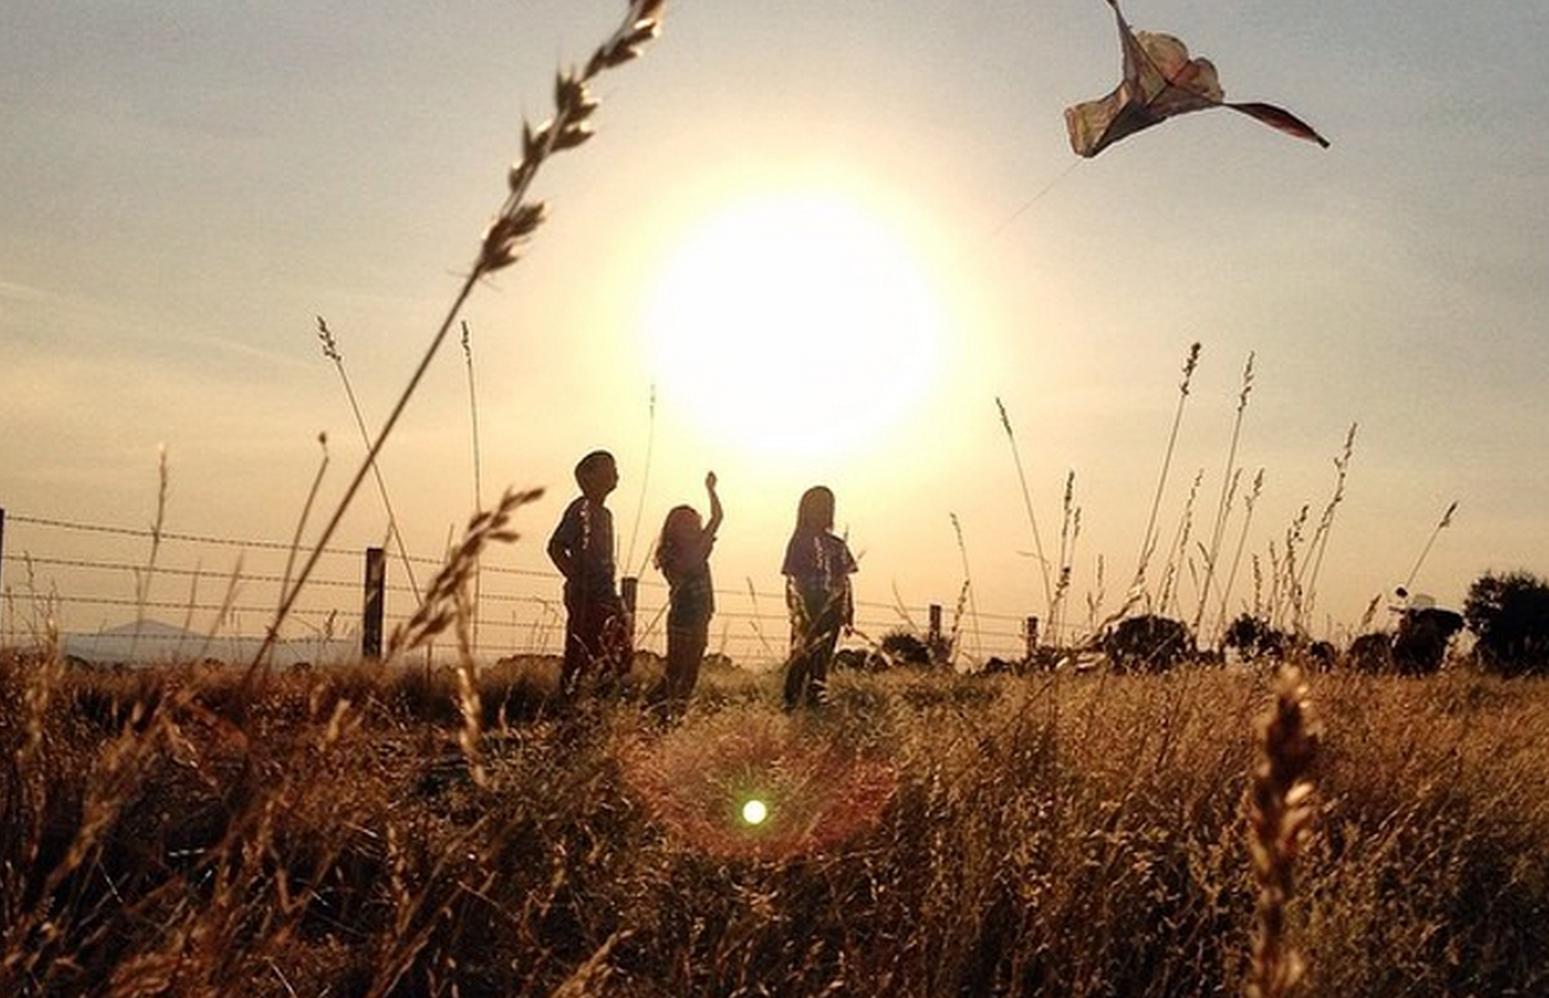 Aquí buscant cobertura... de @molluria, va ser el primer premi d'instagram el 2014